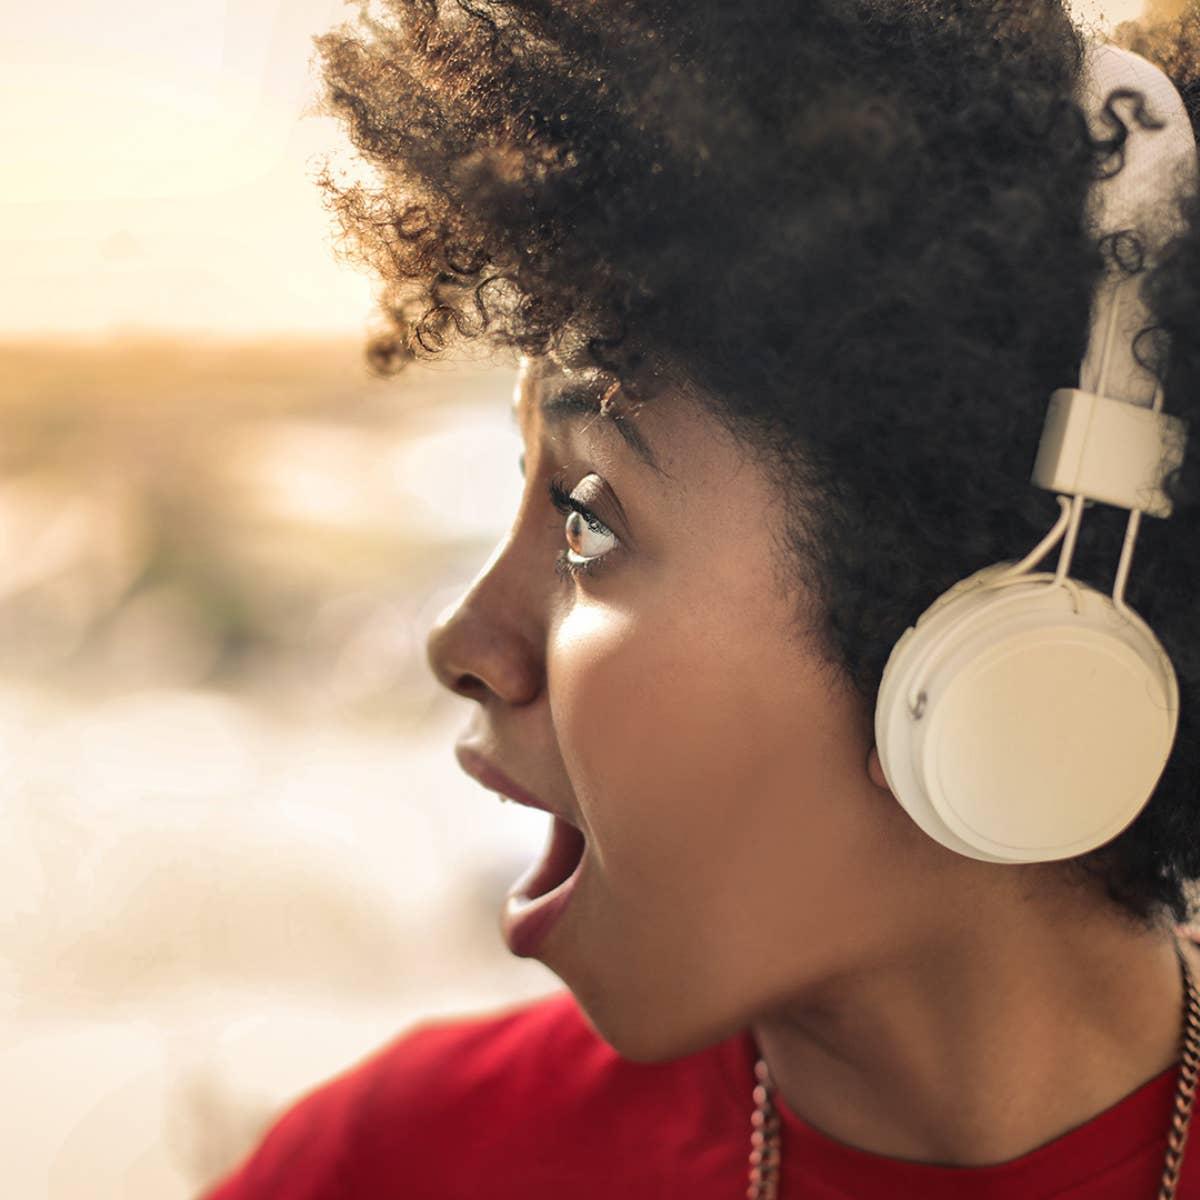 Podkastlytting fortsetter å øke – utgjør nå 11% av nordmenns totale lydkonsum